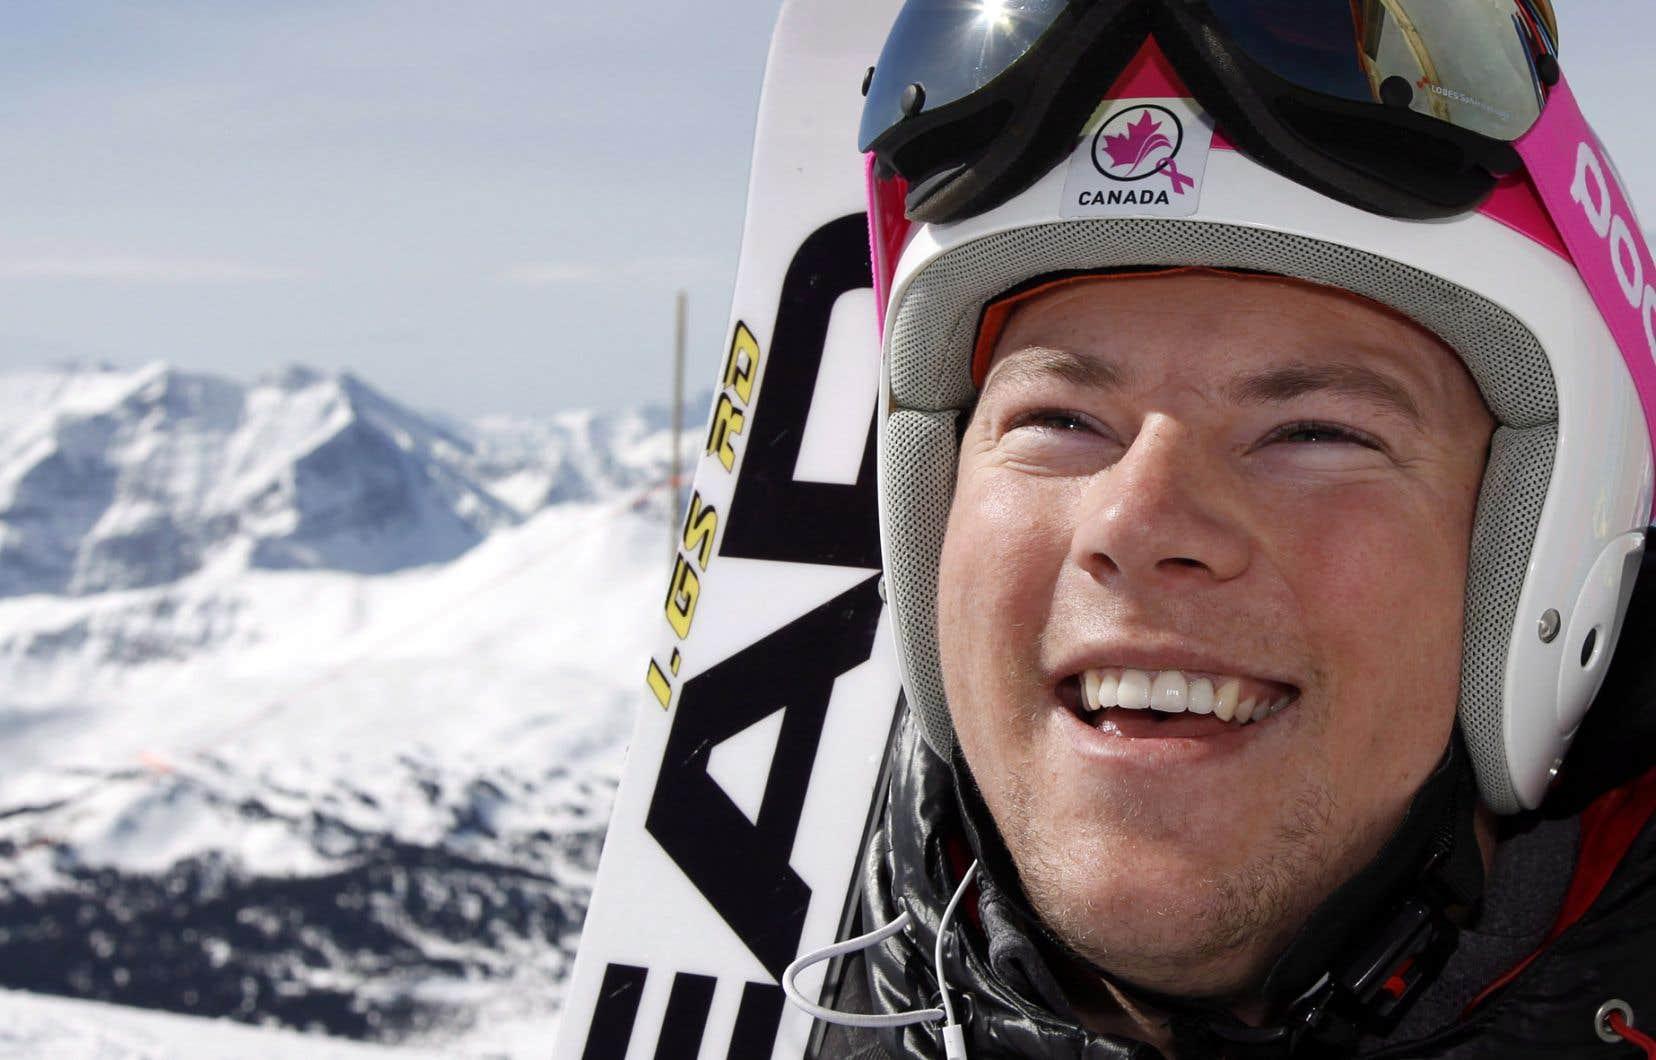 Ben Thomsen (photo) et le spécialiste du super-G Dustin Cook sont les seuls vétérans toujours présents au sein de l'équipe canadienne.